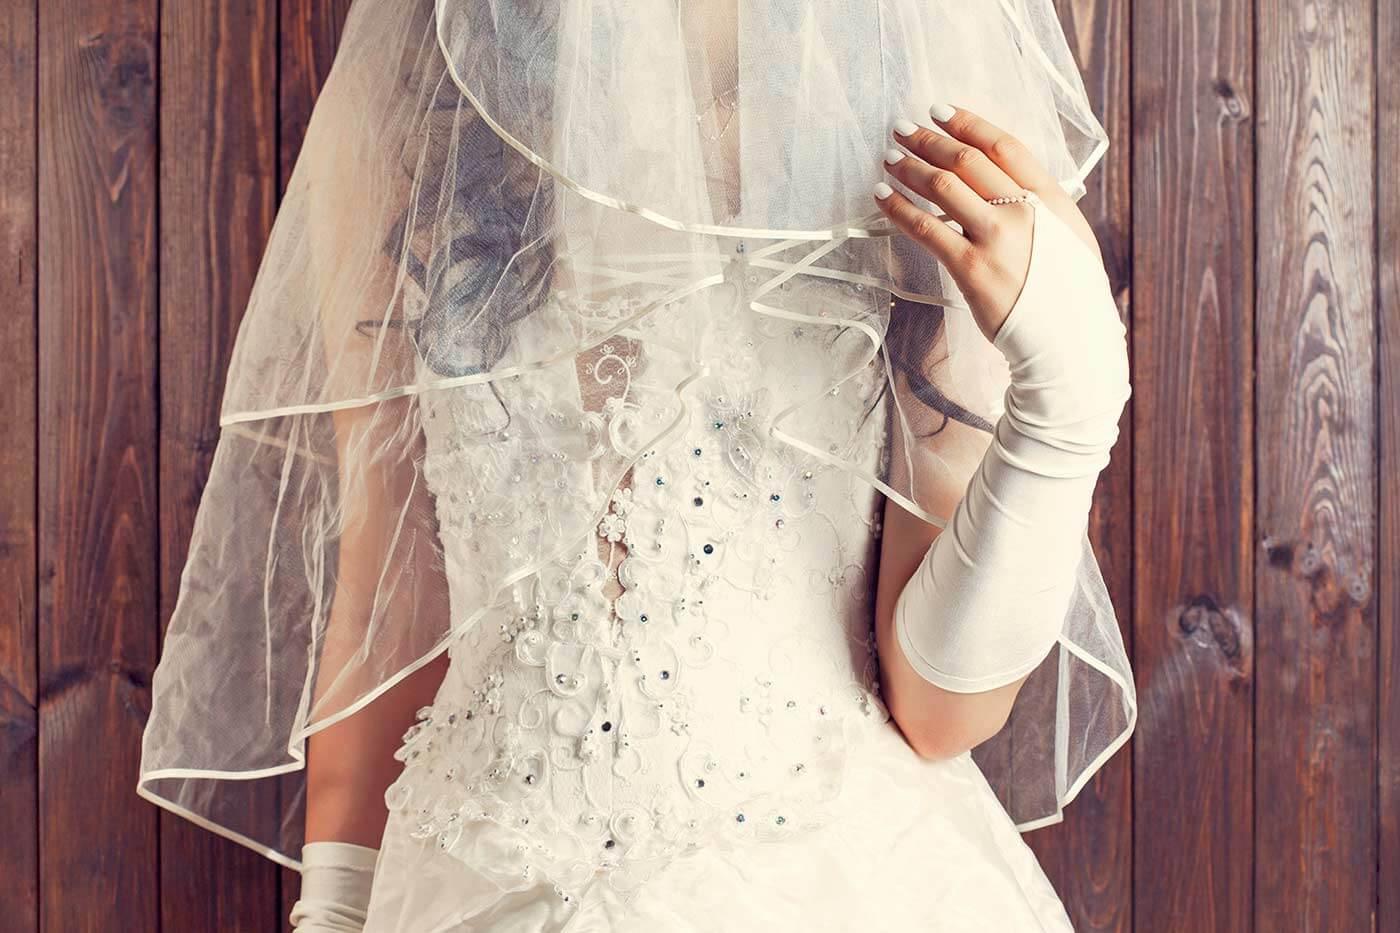 Welcher Schleier zu welchem Kleid?